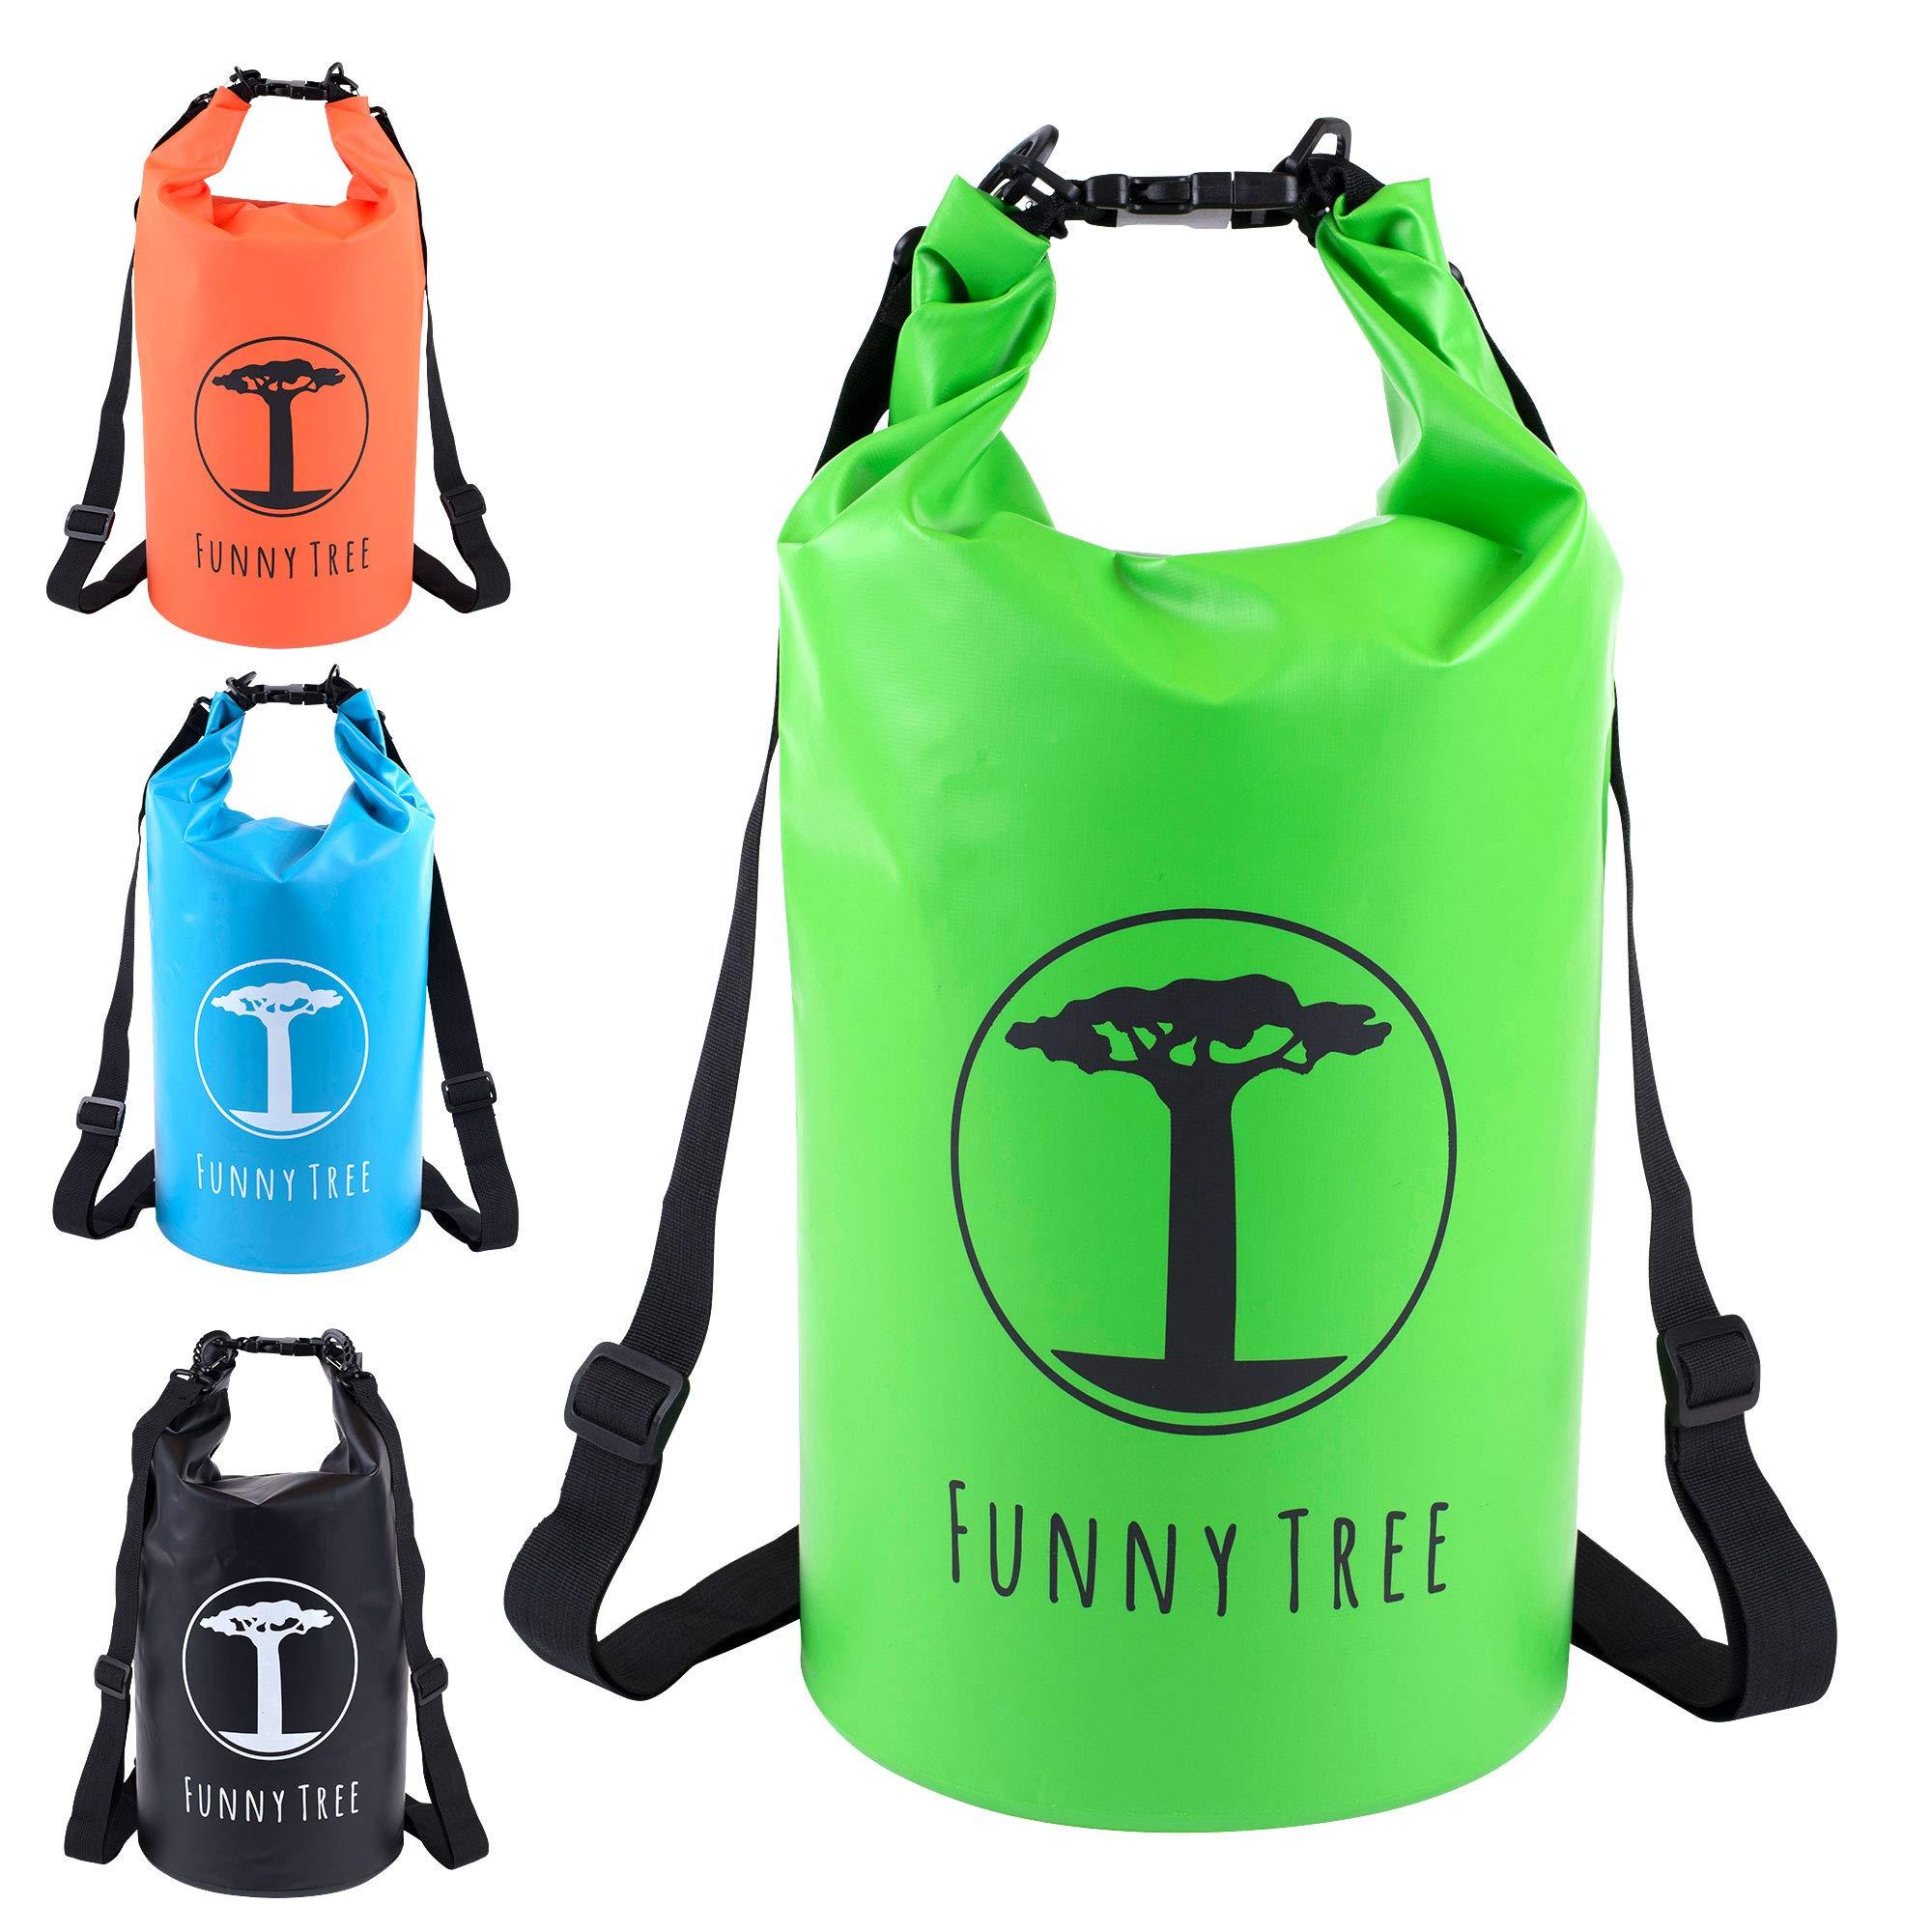 Außen Trocken Rucksack Tasche Pack Wasserfest 25l Groß Kanu Aufbewahrung Raft Kajaks Bootsport